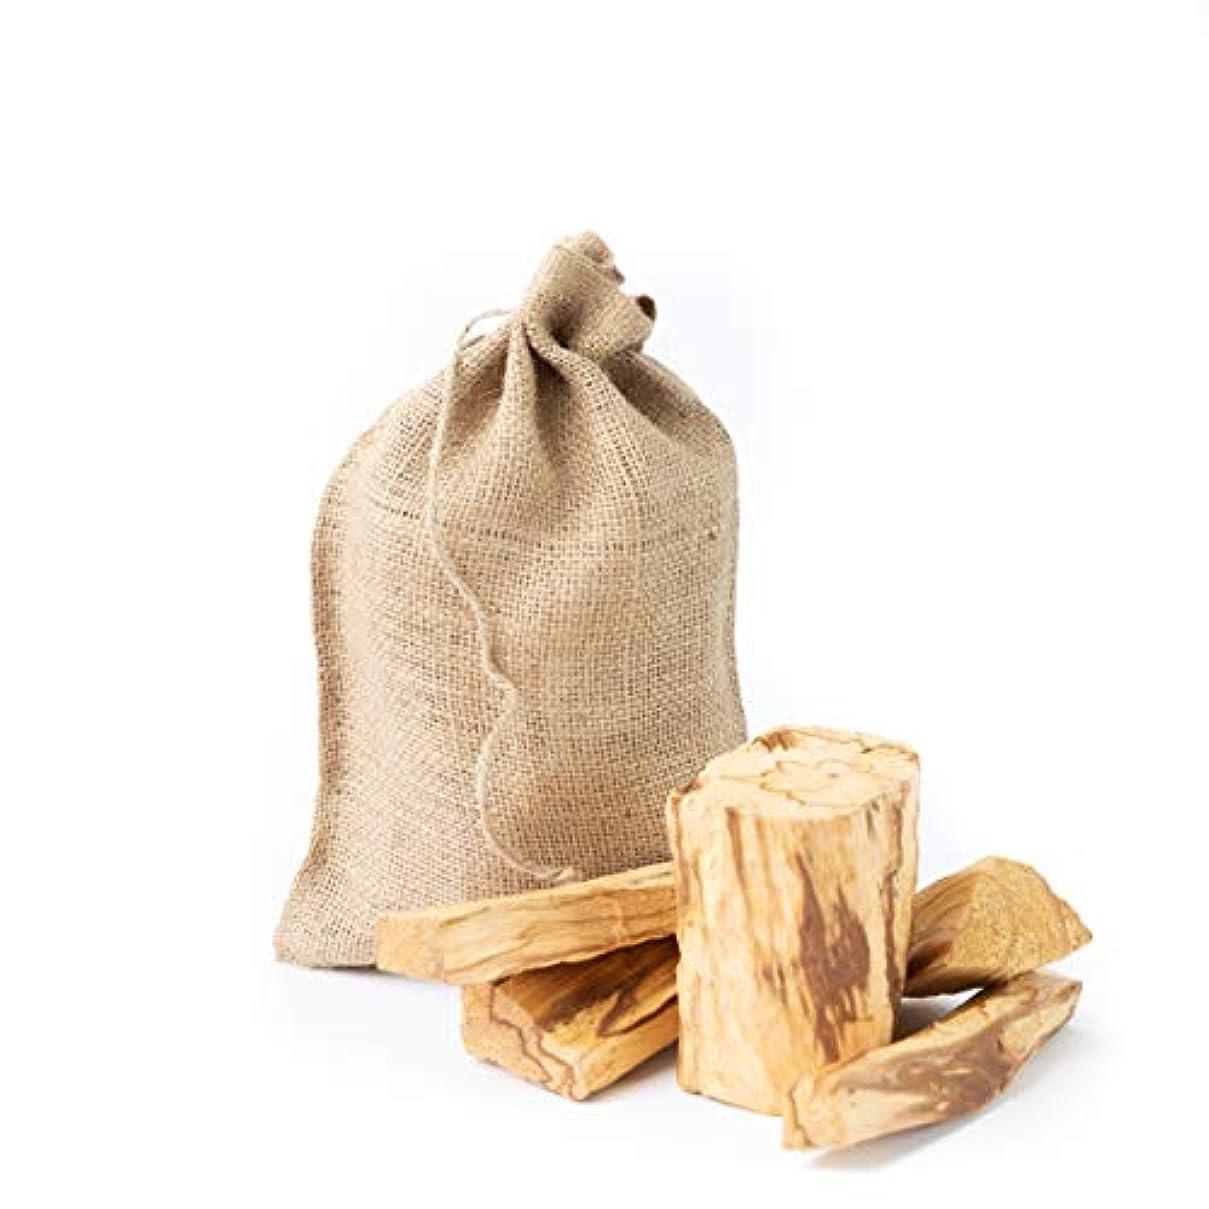 大人物足りない生命体Palo SantoからPerú Smudging Sticks大きなチャンク、高樹脂1ポンドバッグ。